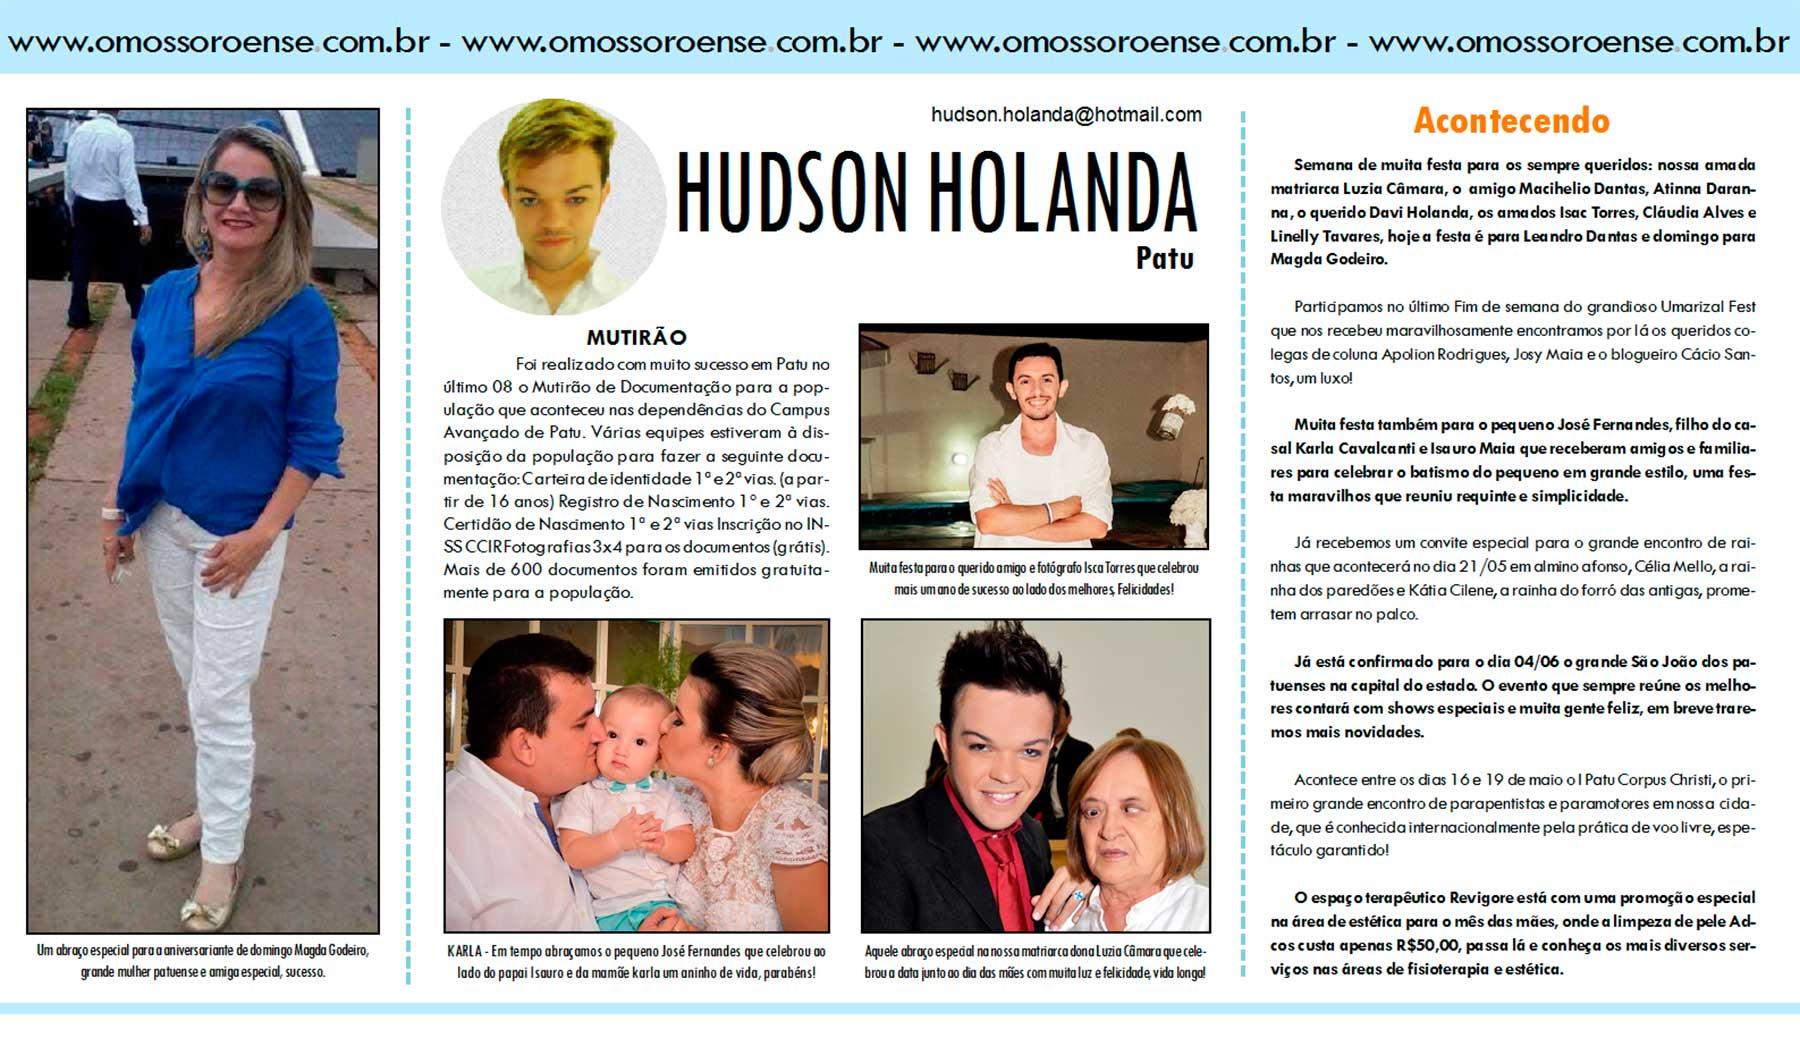 HUDSON-HOLANDA-13-05-16